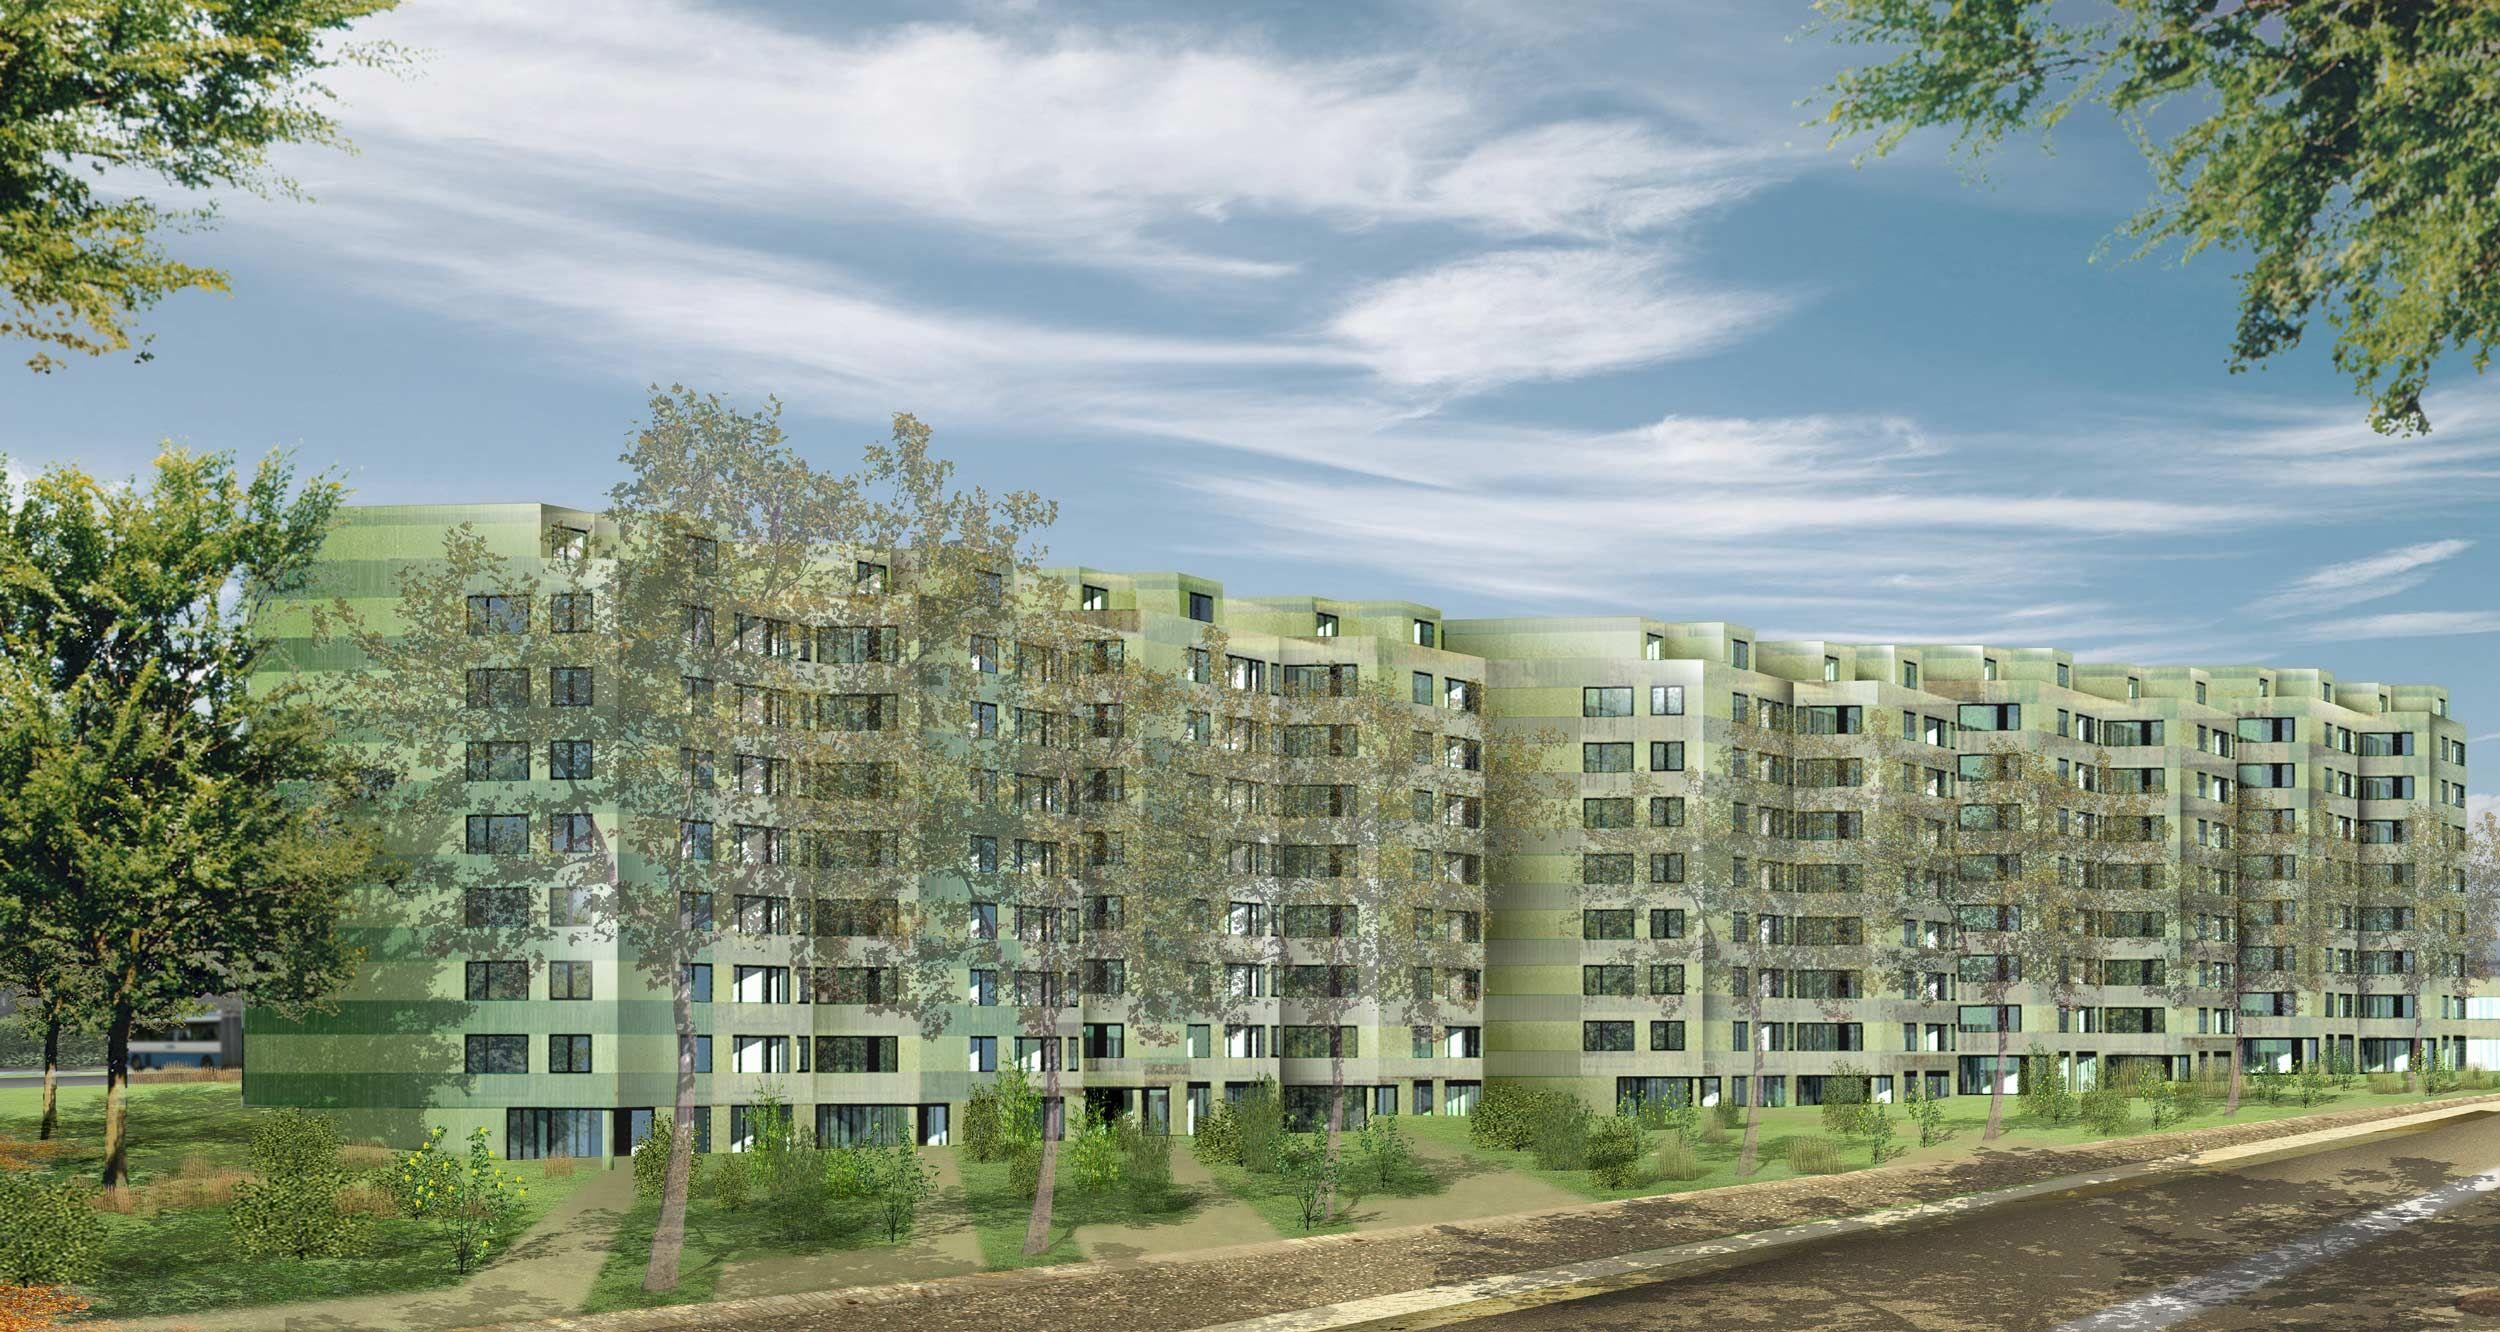 Wohnüberbauung Schaffhauserstrasse